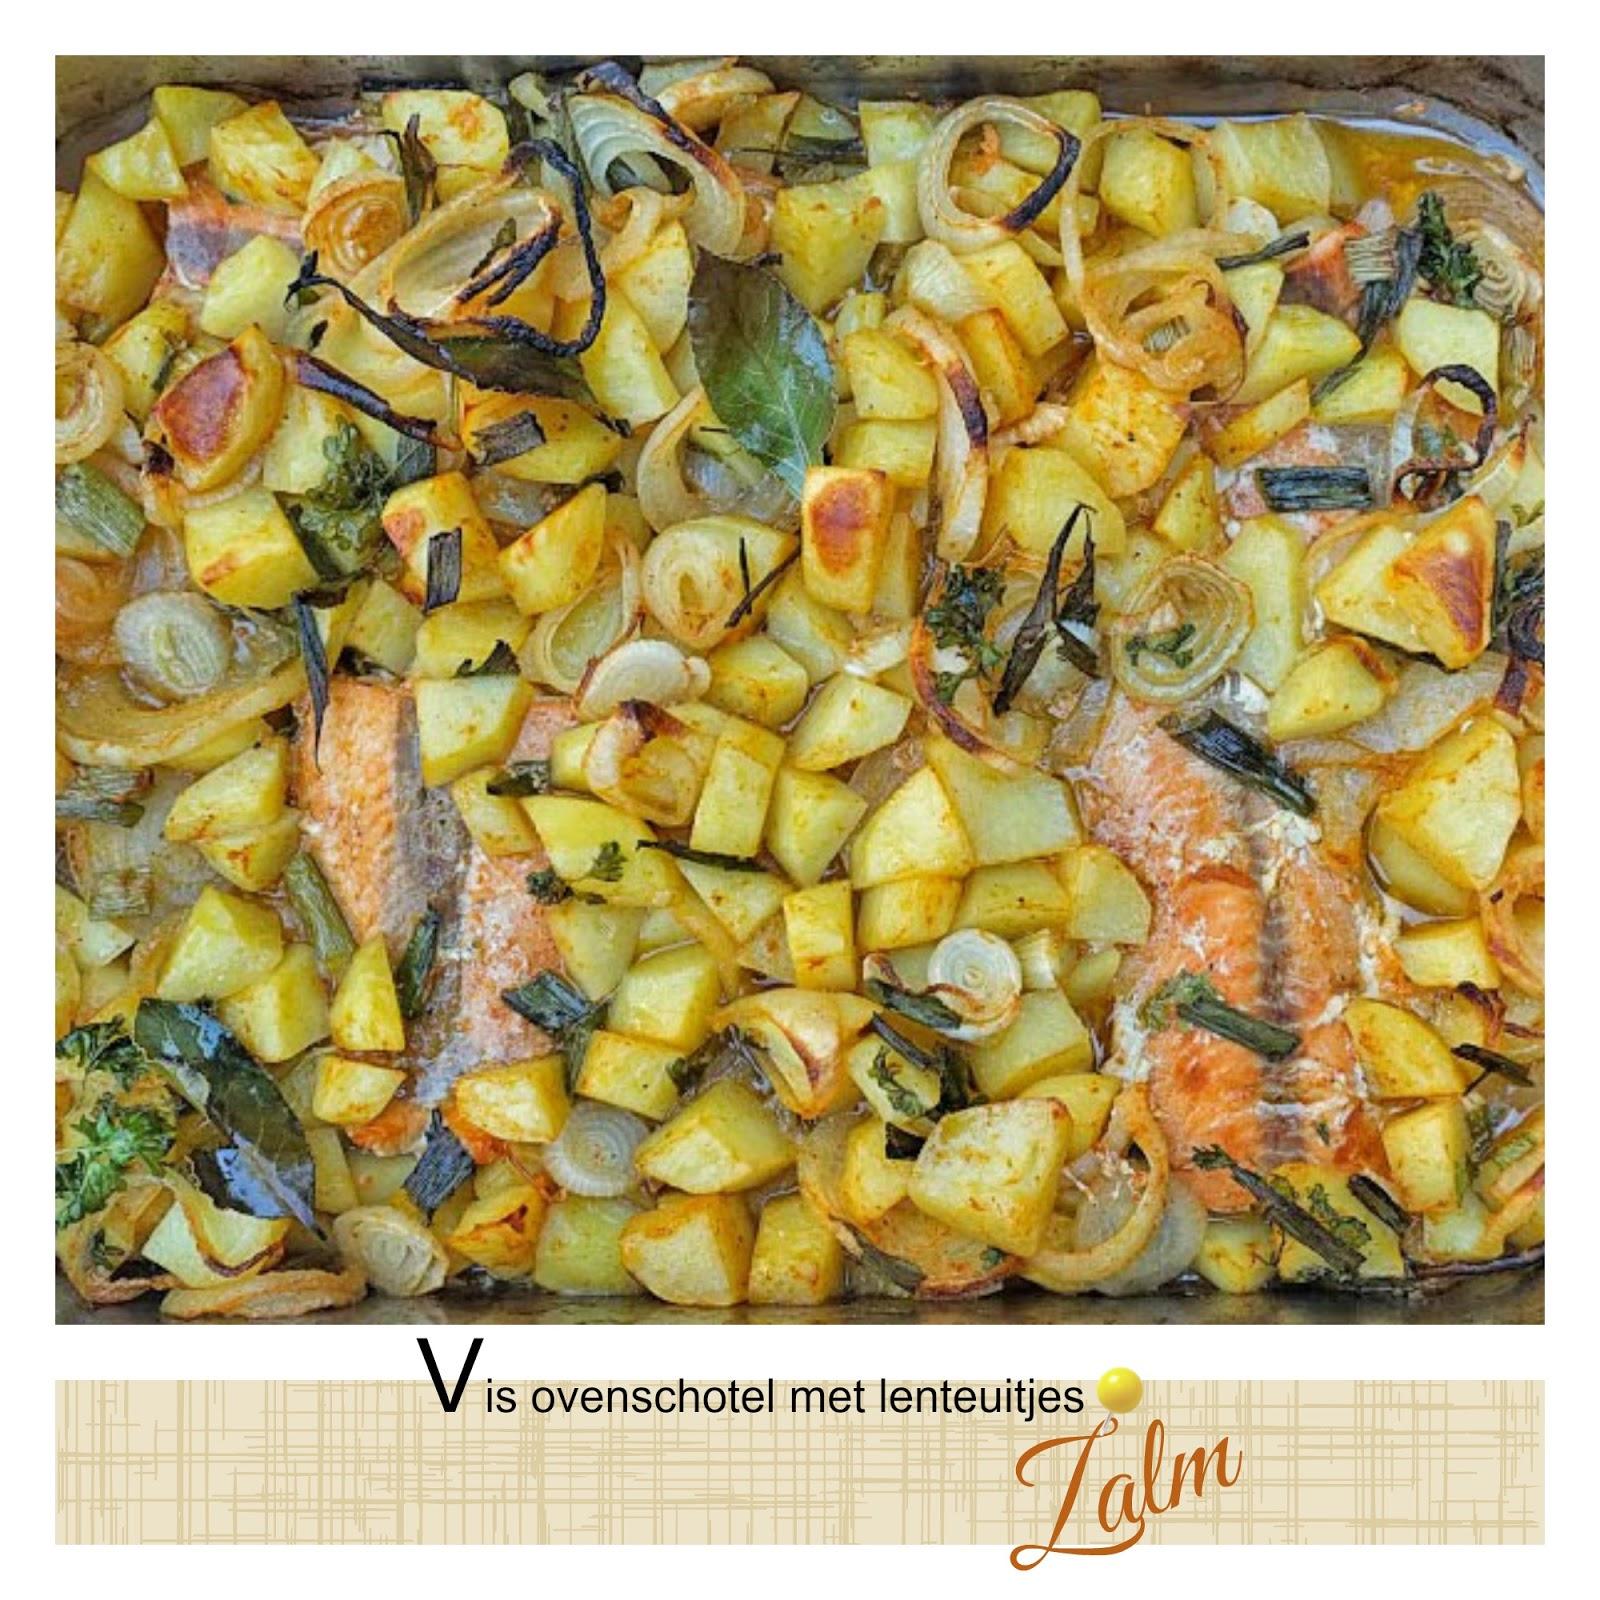 Vis ovenschotel met lente-uitjes en zalm